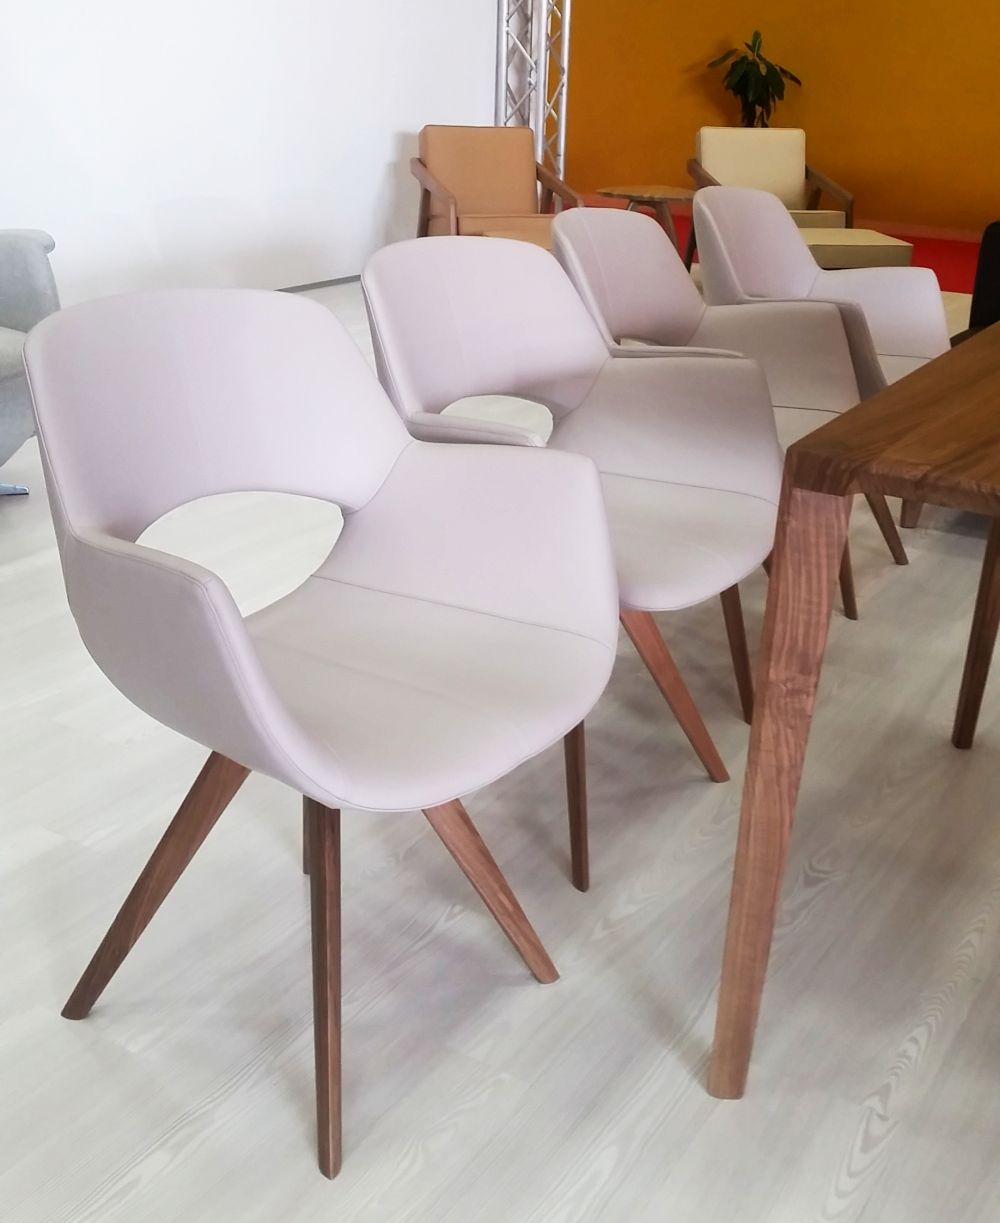 adelaparvu-com-despre-mobila-produsa-in-romania-abies-nehoiu-4